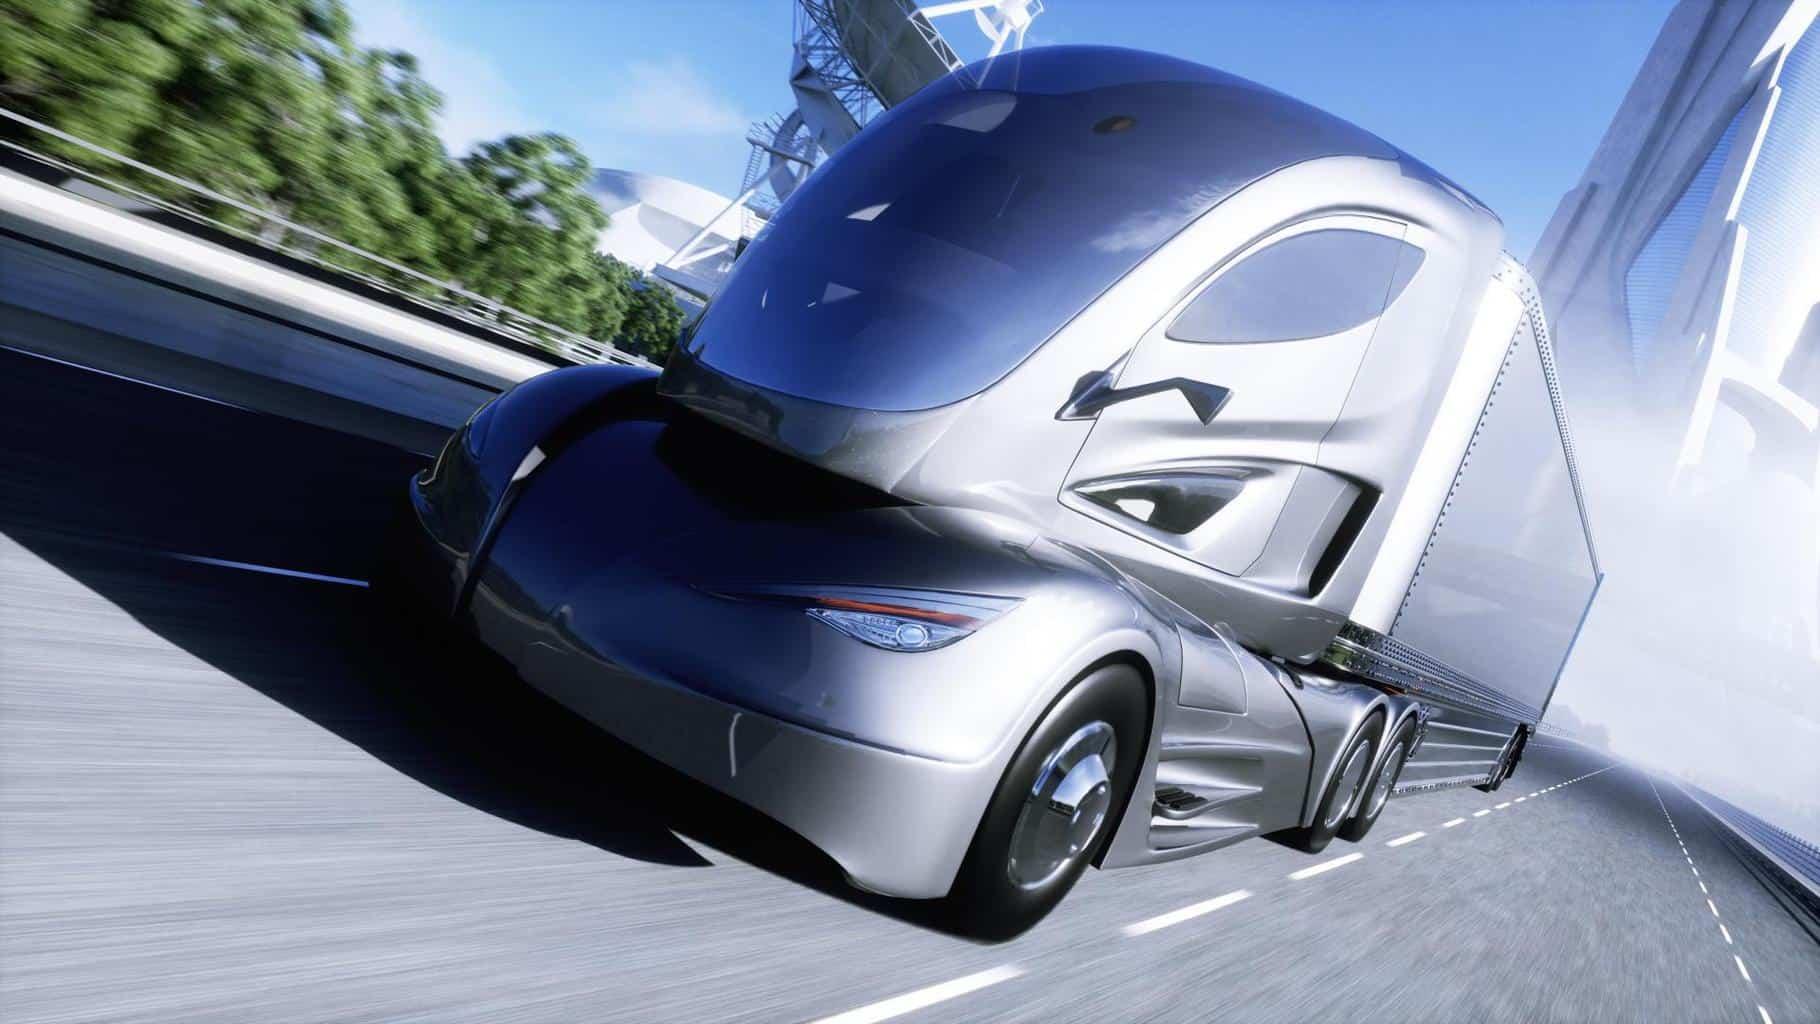 Sevi: Polnischer Elektro-Lieferwagen mit deutscher Beteiligung